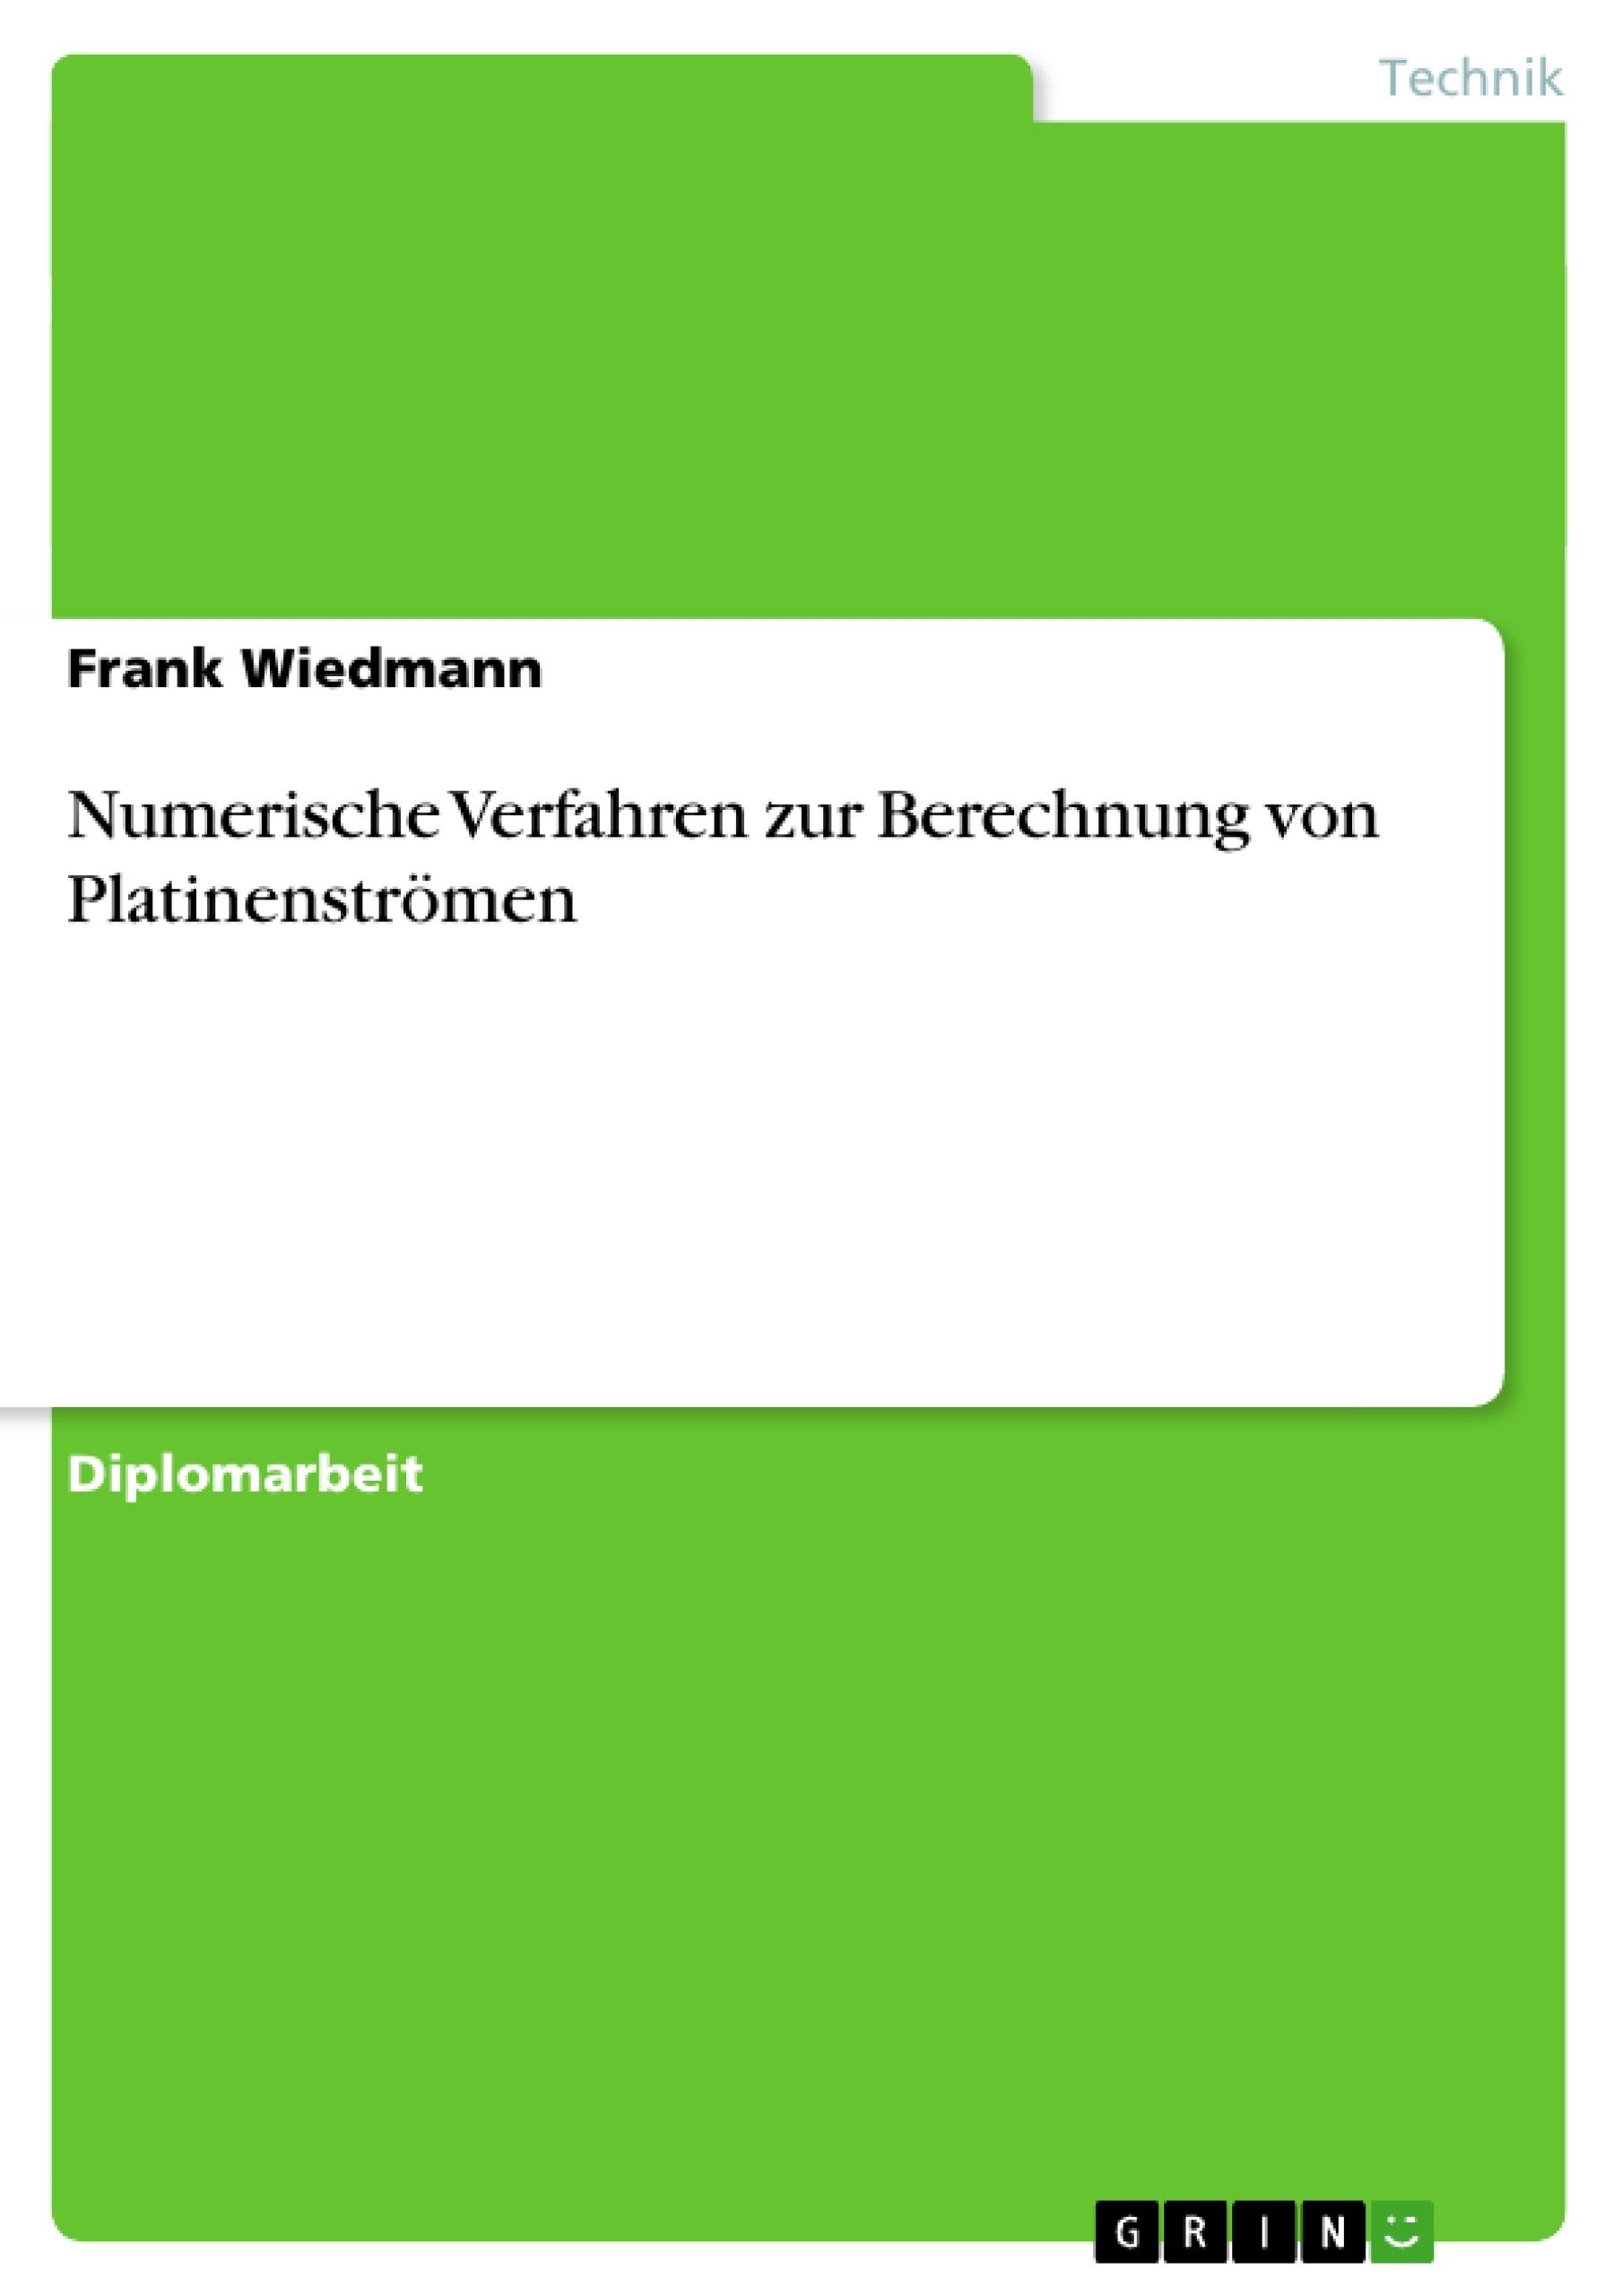 Titel: Numerische Verfahren zur Berechnung von Platinenströmen